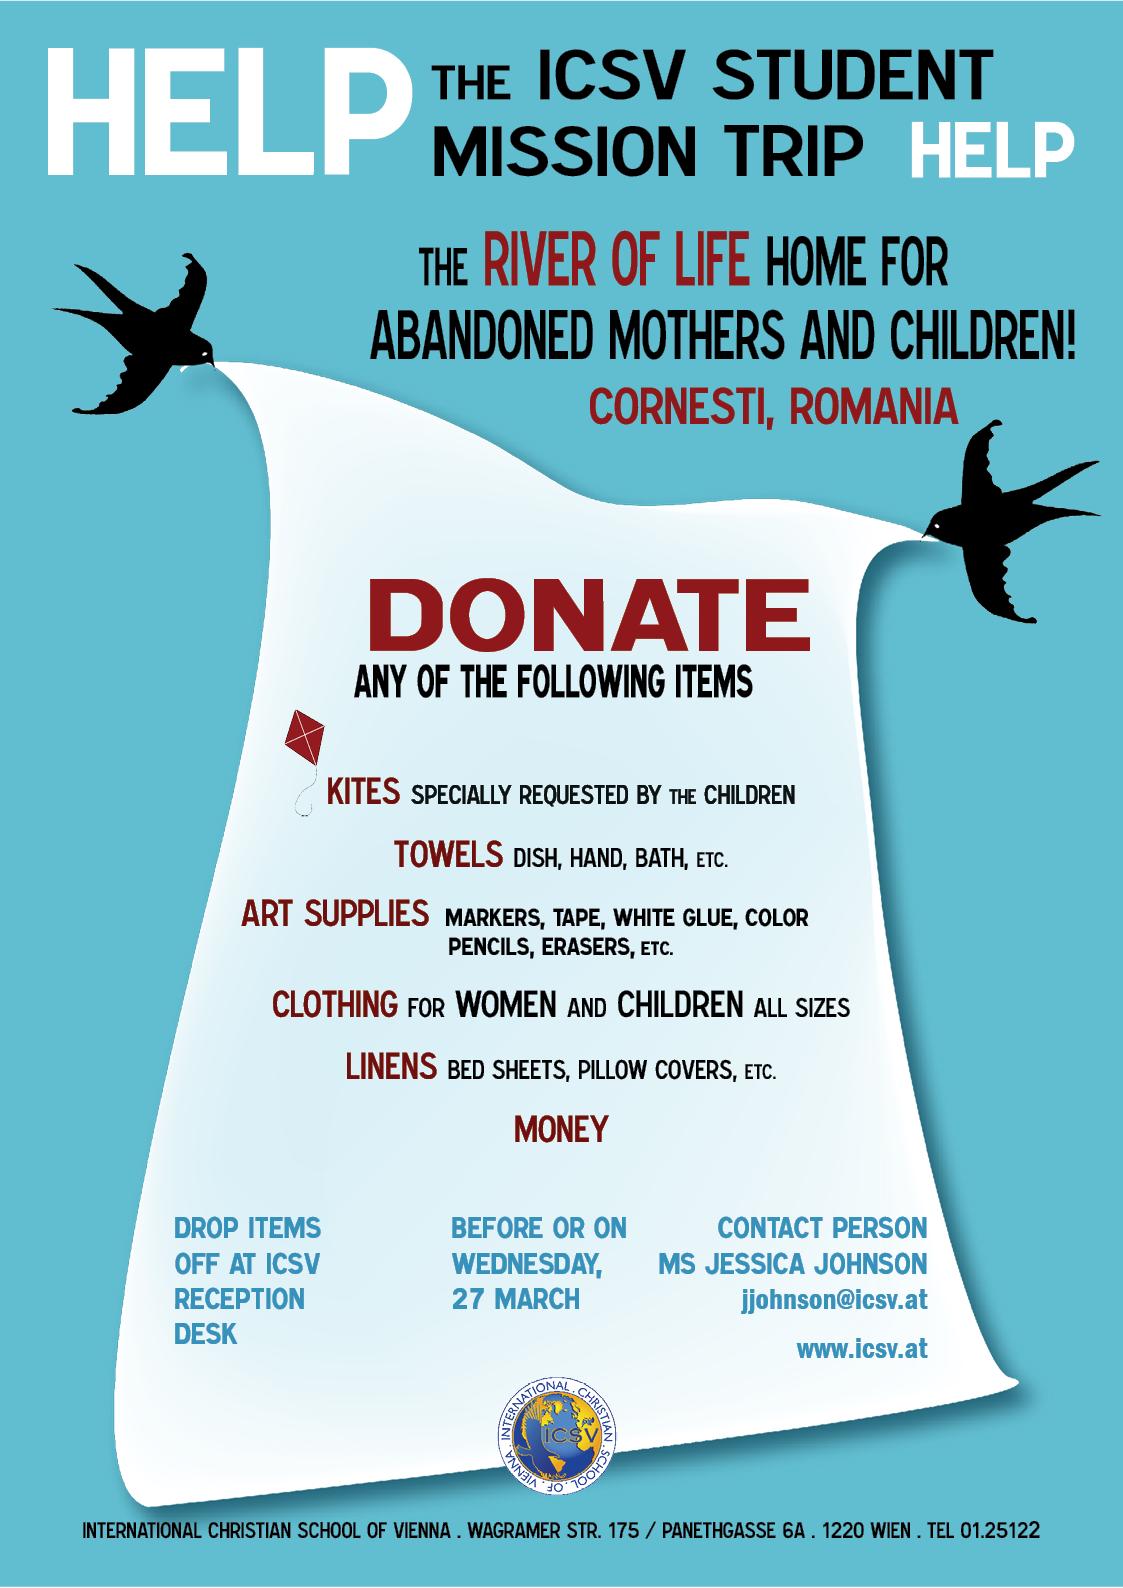 icsv romanian mission trip donation poster 2013  u2013 dax graphics u2627